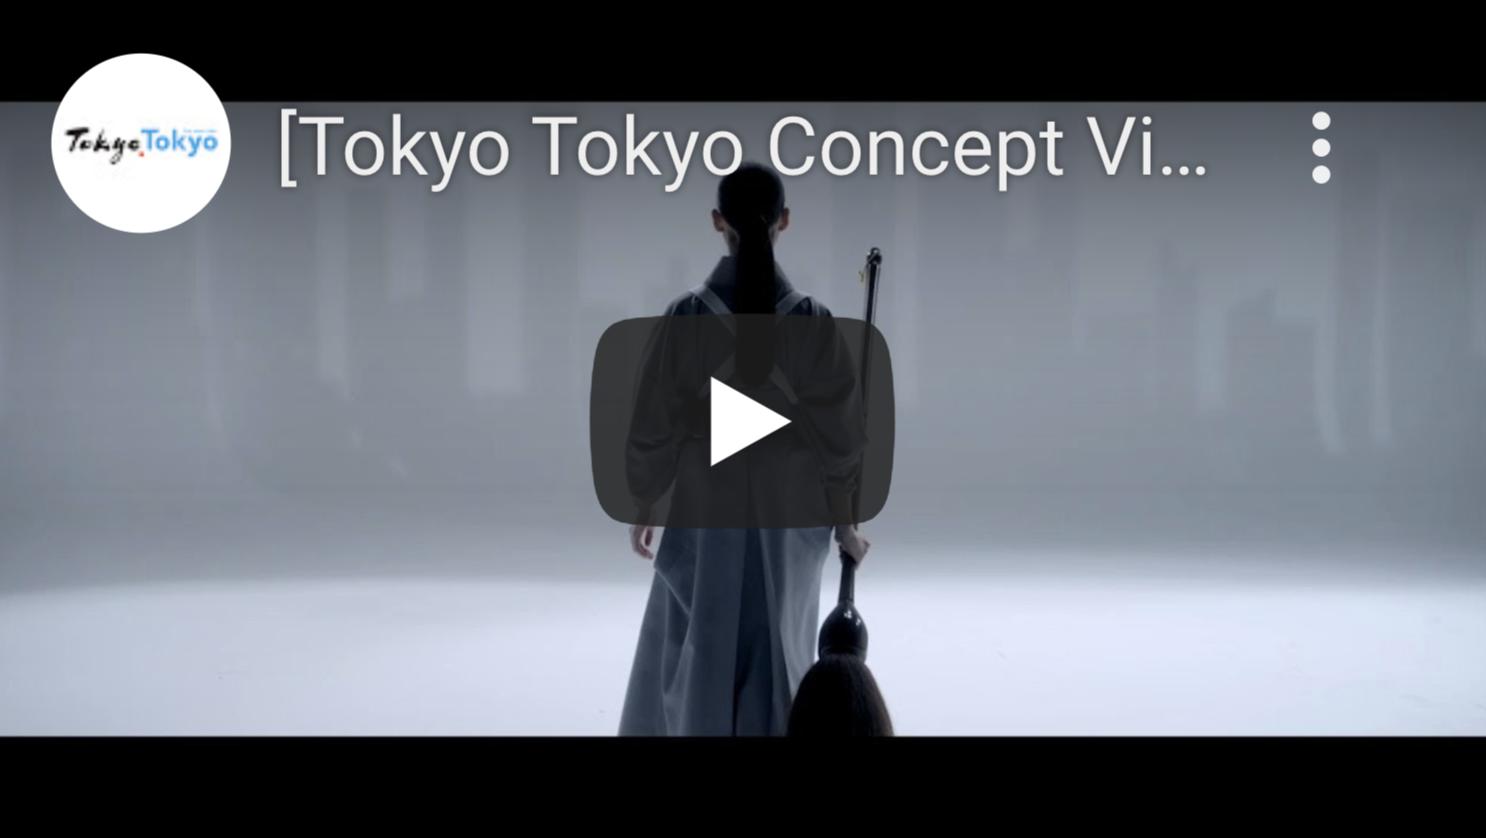 【動画】東京都ロゴ「TOKYO TOKYO」コンセプトビデオ 監修